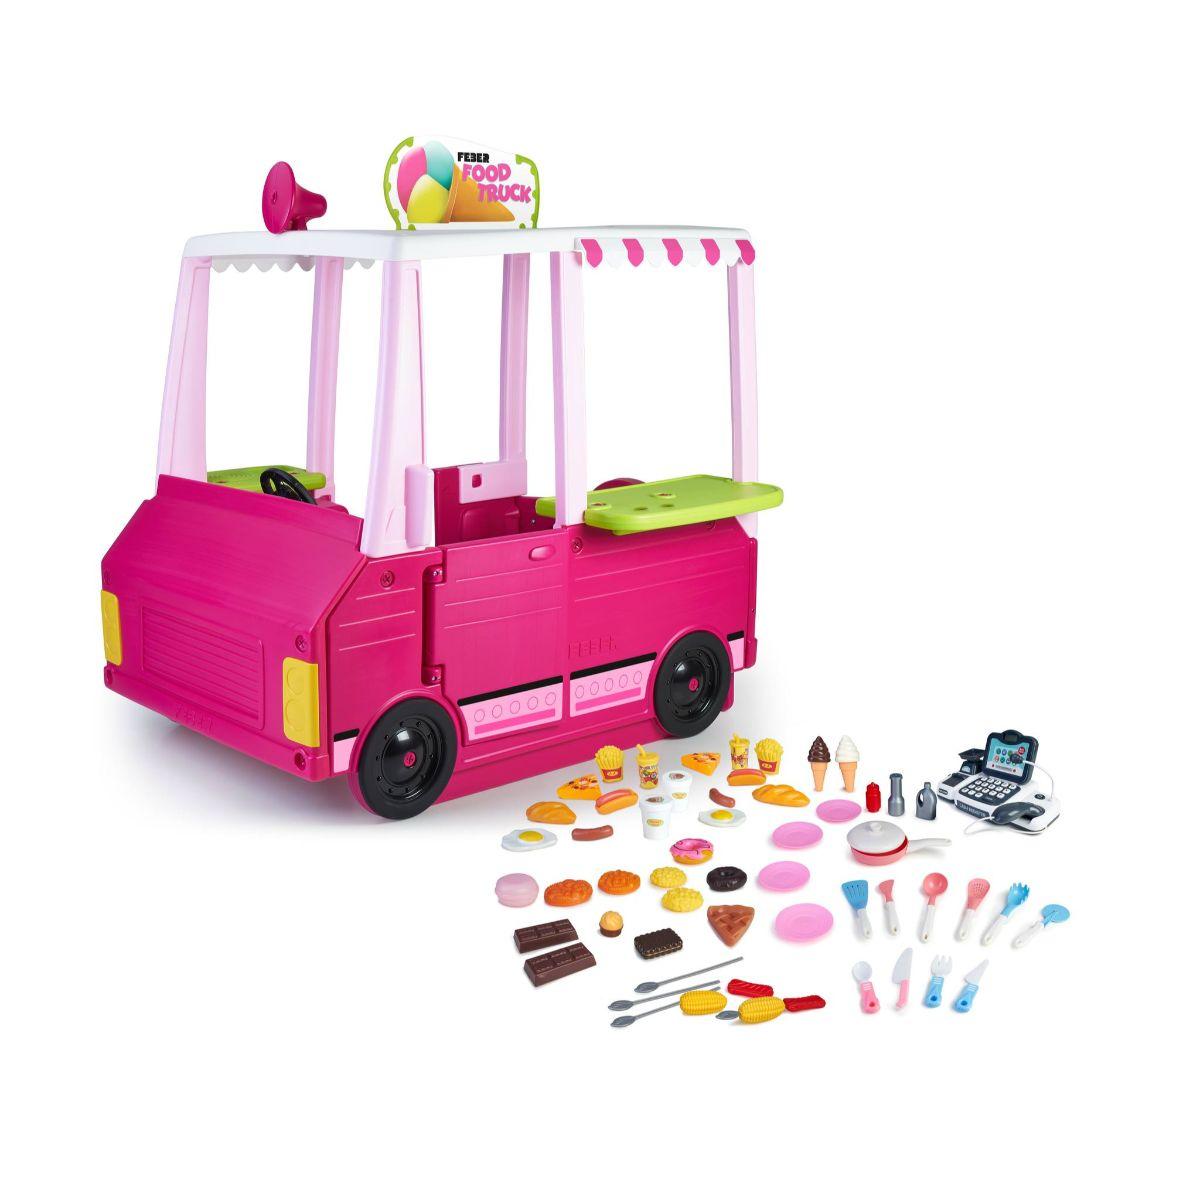 Ansamblu de joaca pentru copii food truck cu accesorii Feber